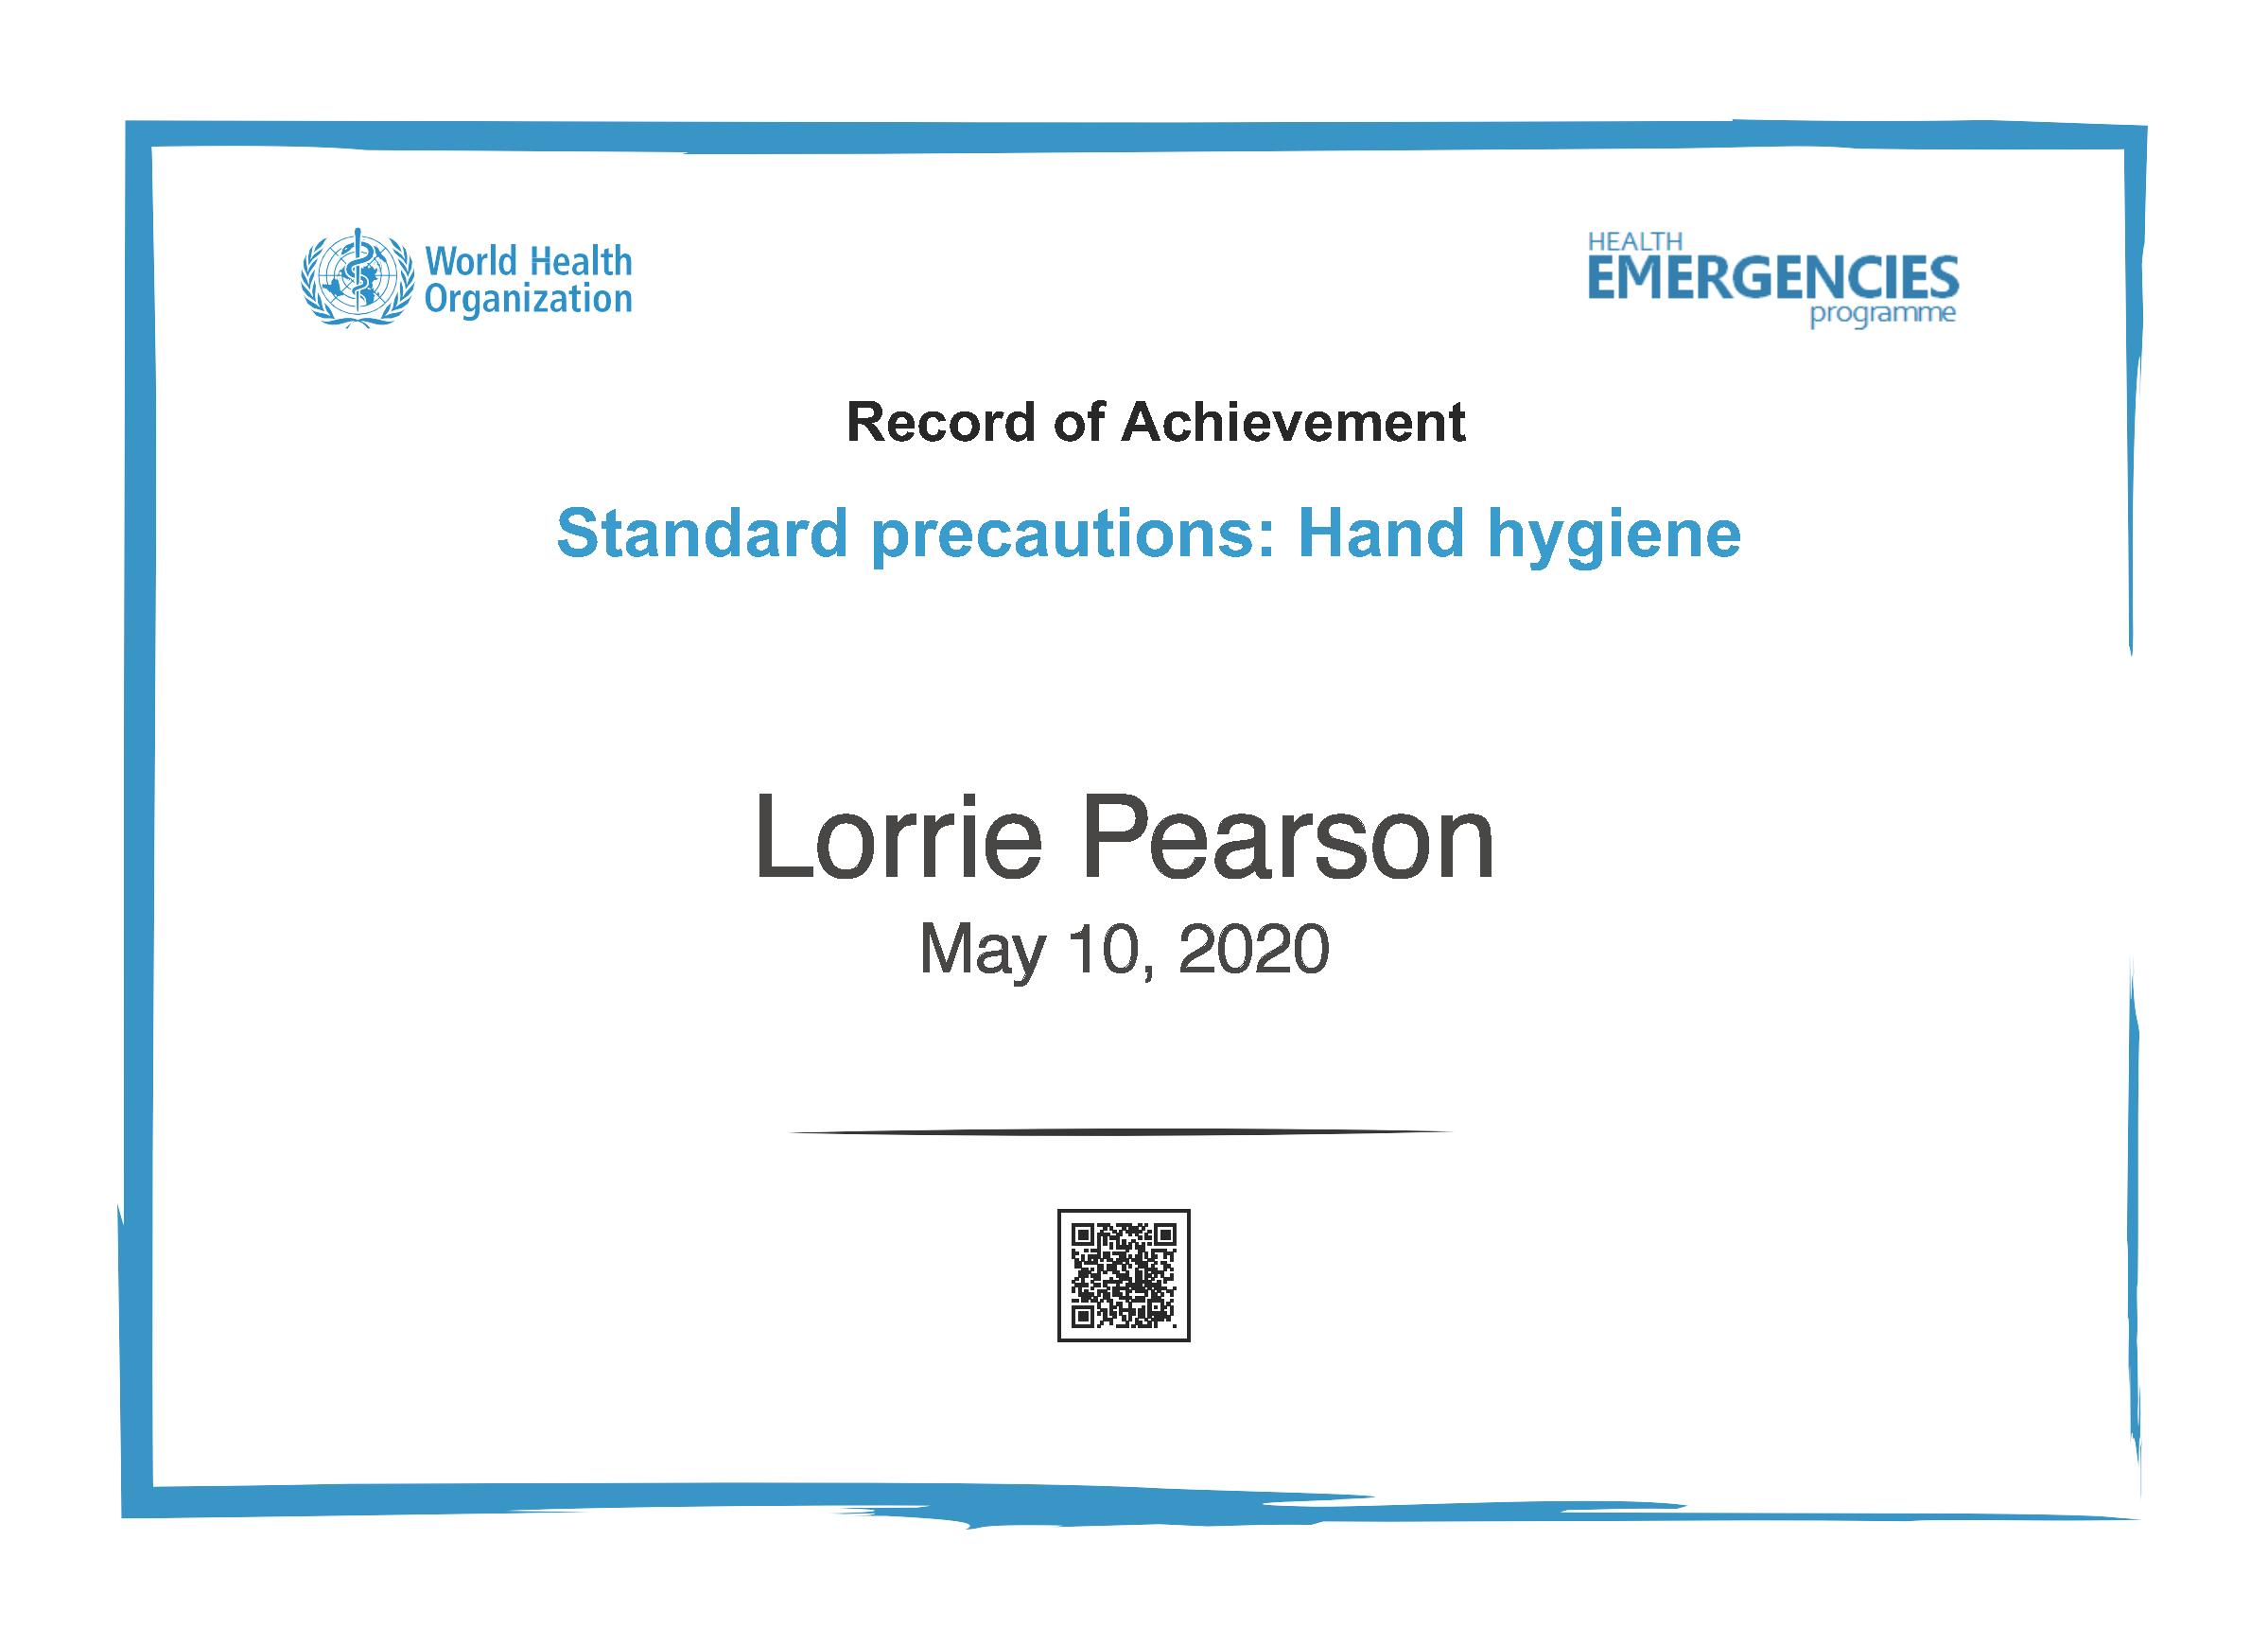 IPC-HH-en_RecordOfAchievement.png